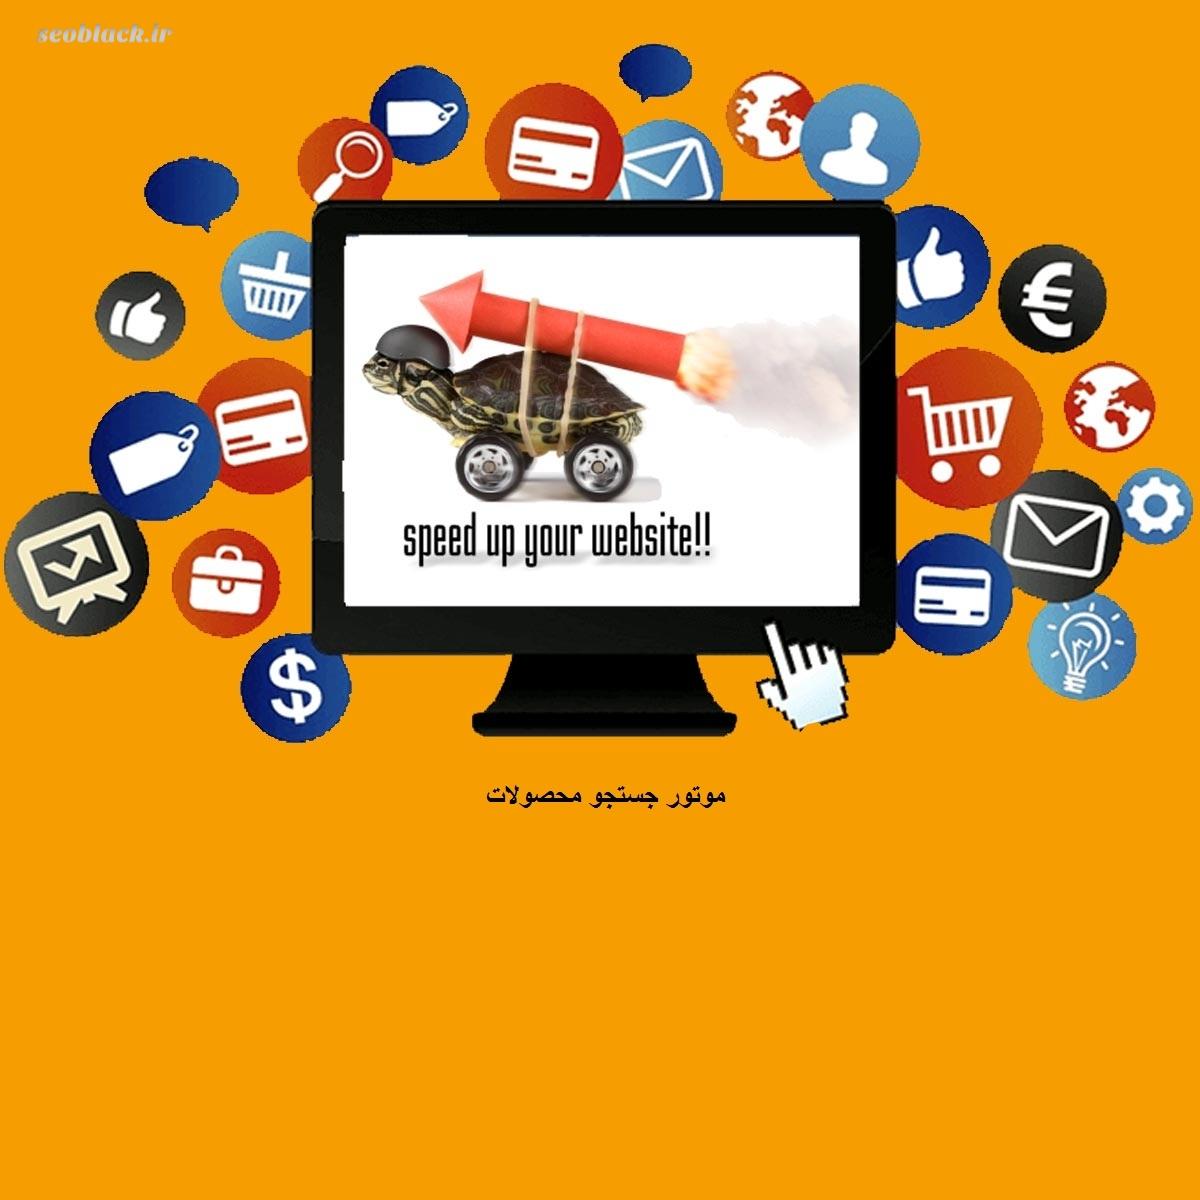 موتور جستجو محصولات